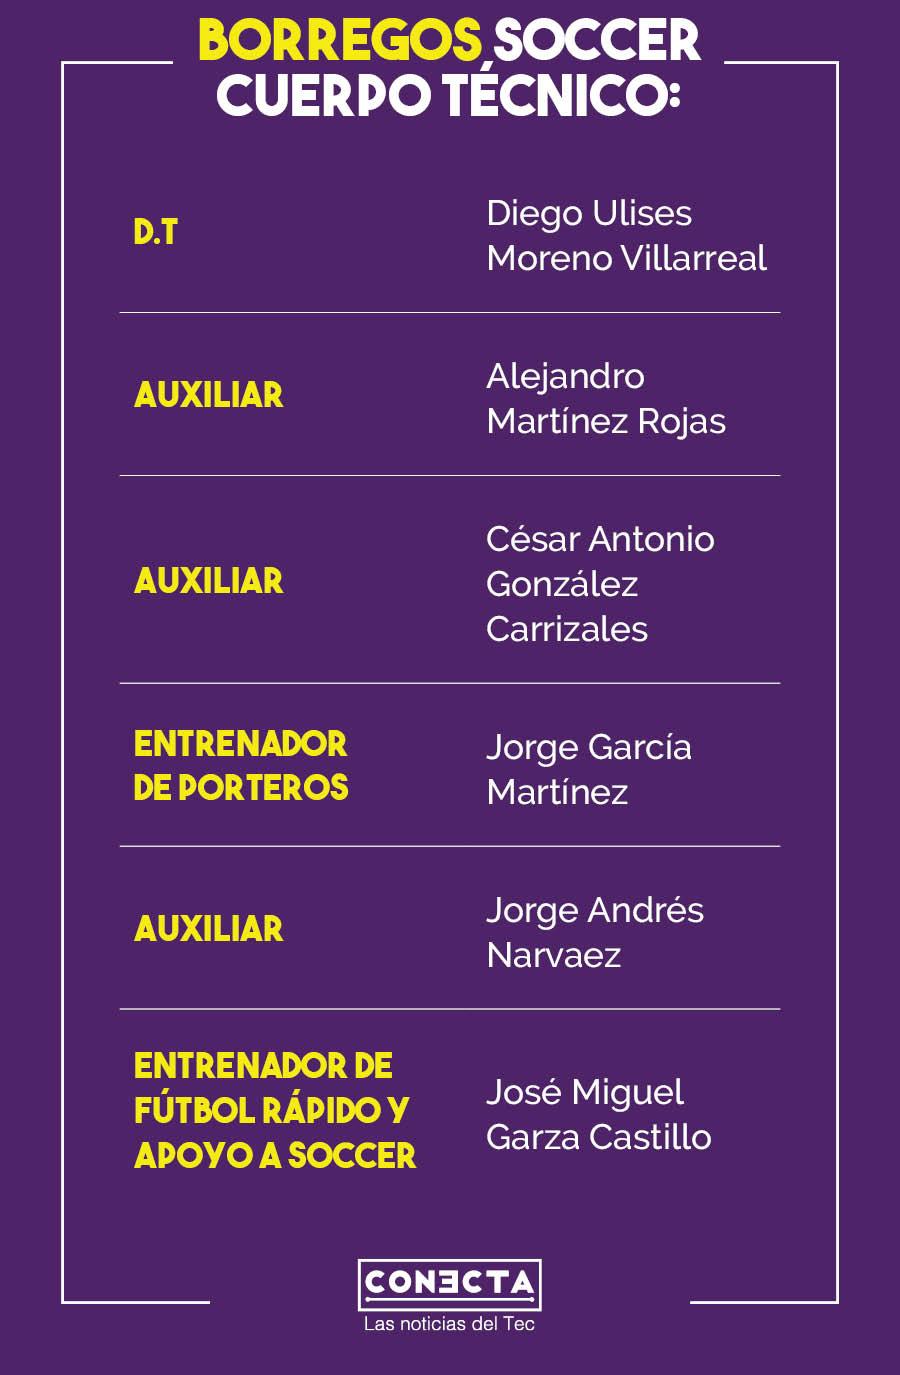 Tabla cuerpo técnico Borregos Monterrey Soccer